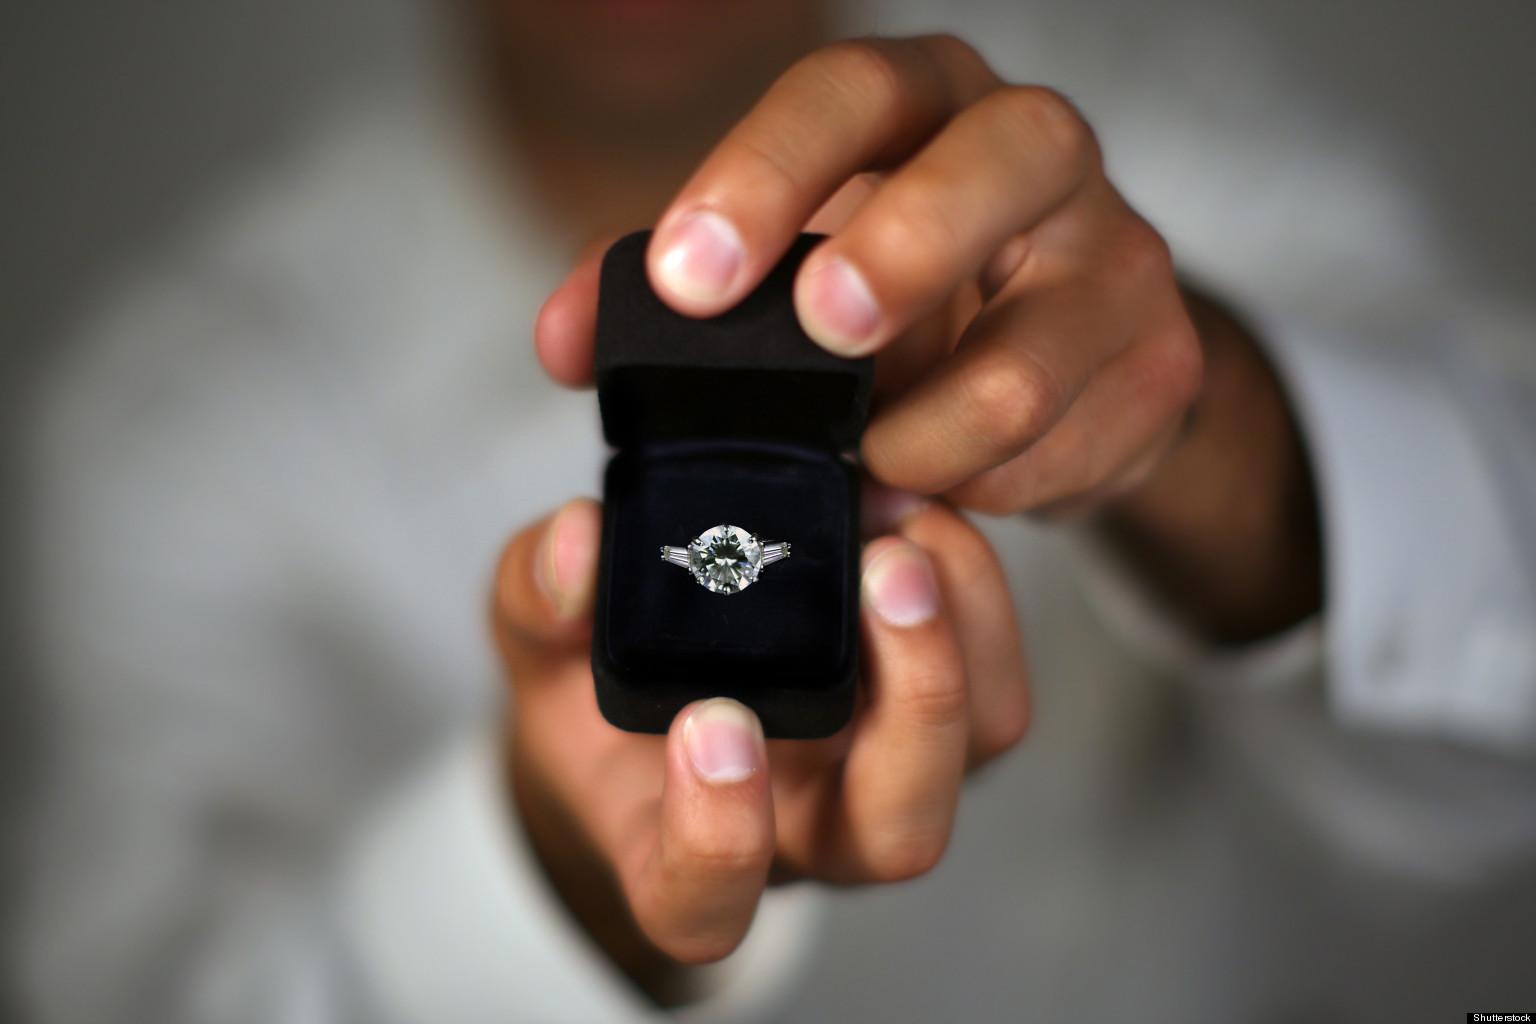 21-26-44-o-public-marriage-proposal-facebook